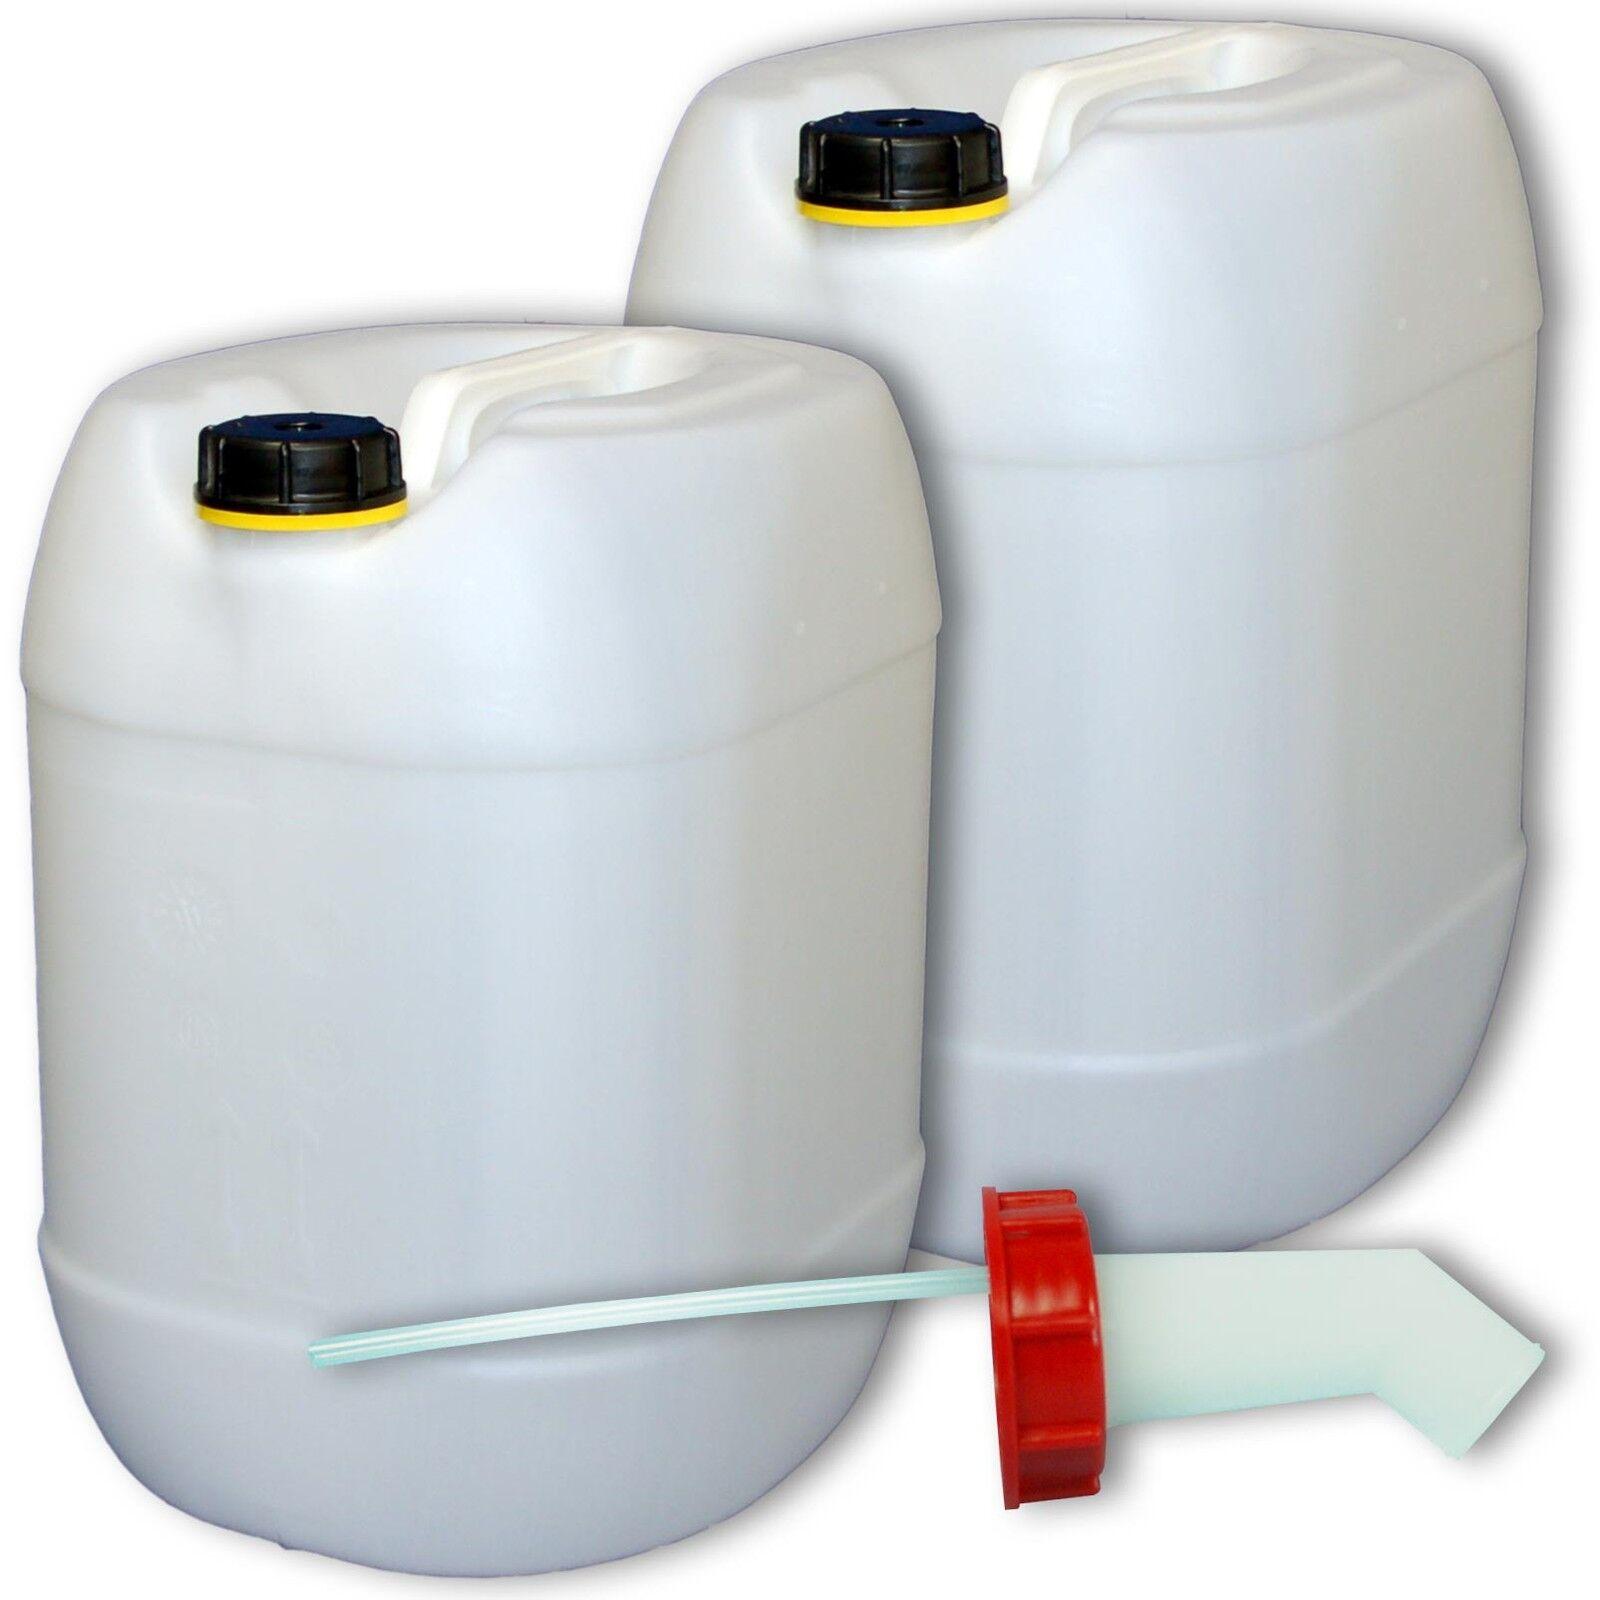 Bidon plastique 20 L DIN 61 + 1 1 1 bec verseur, PEHD, Fab. en Allemagne (22002+019) 5a7da1